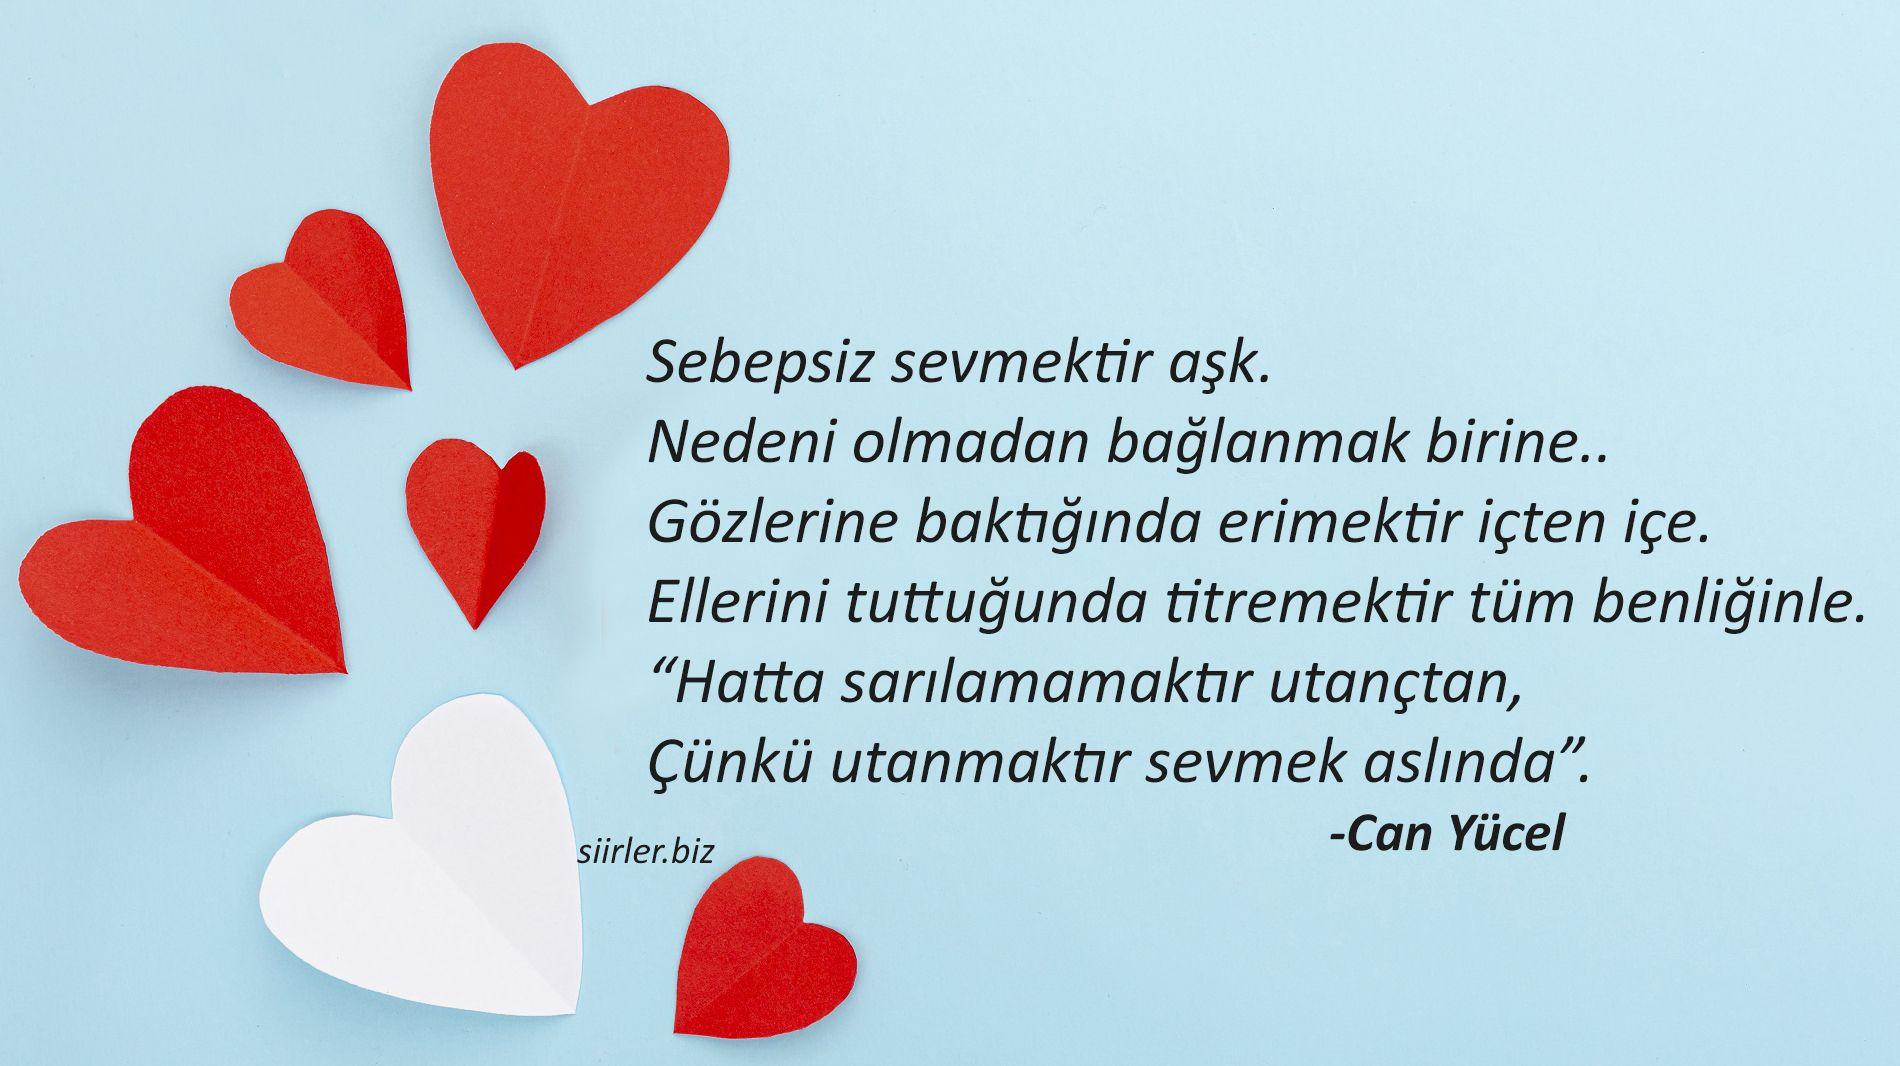 Ask Sozleri Kisa Ask Sozleri Romantik Ask Sozleri Siirler Biz Guzel Soz Romantik Ask Sozleri Ask